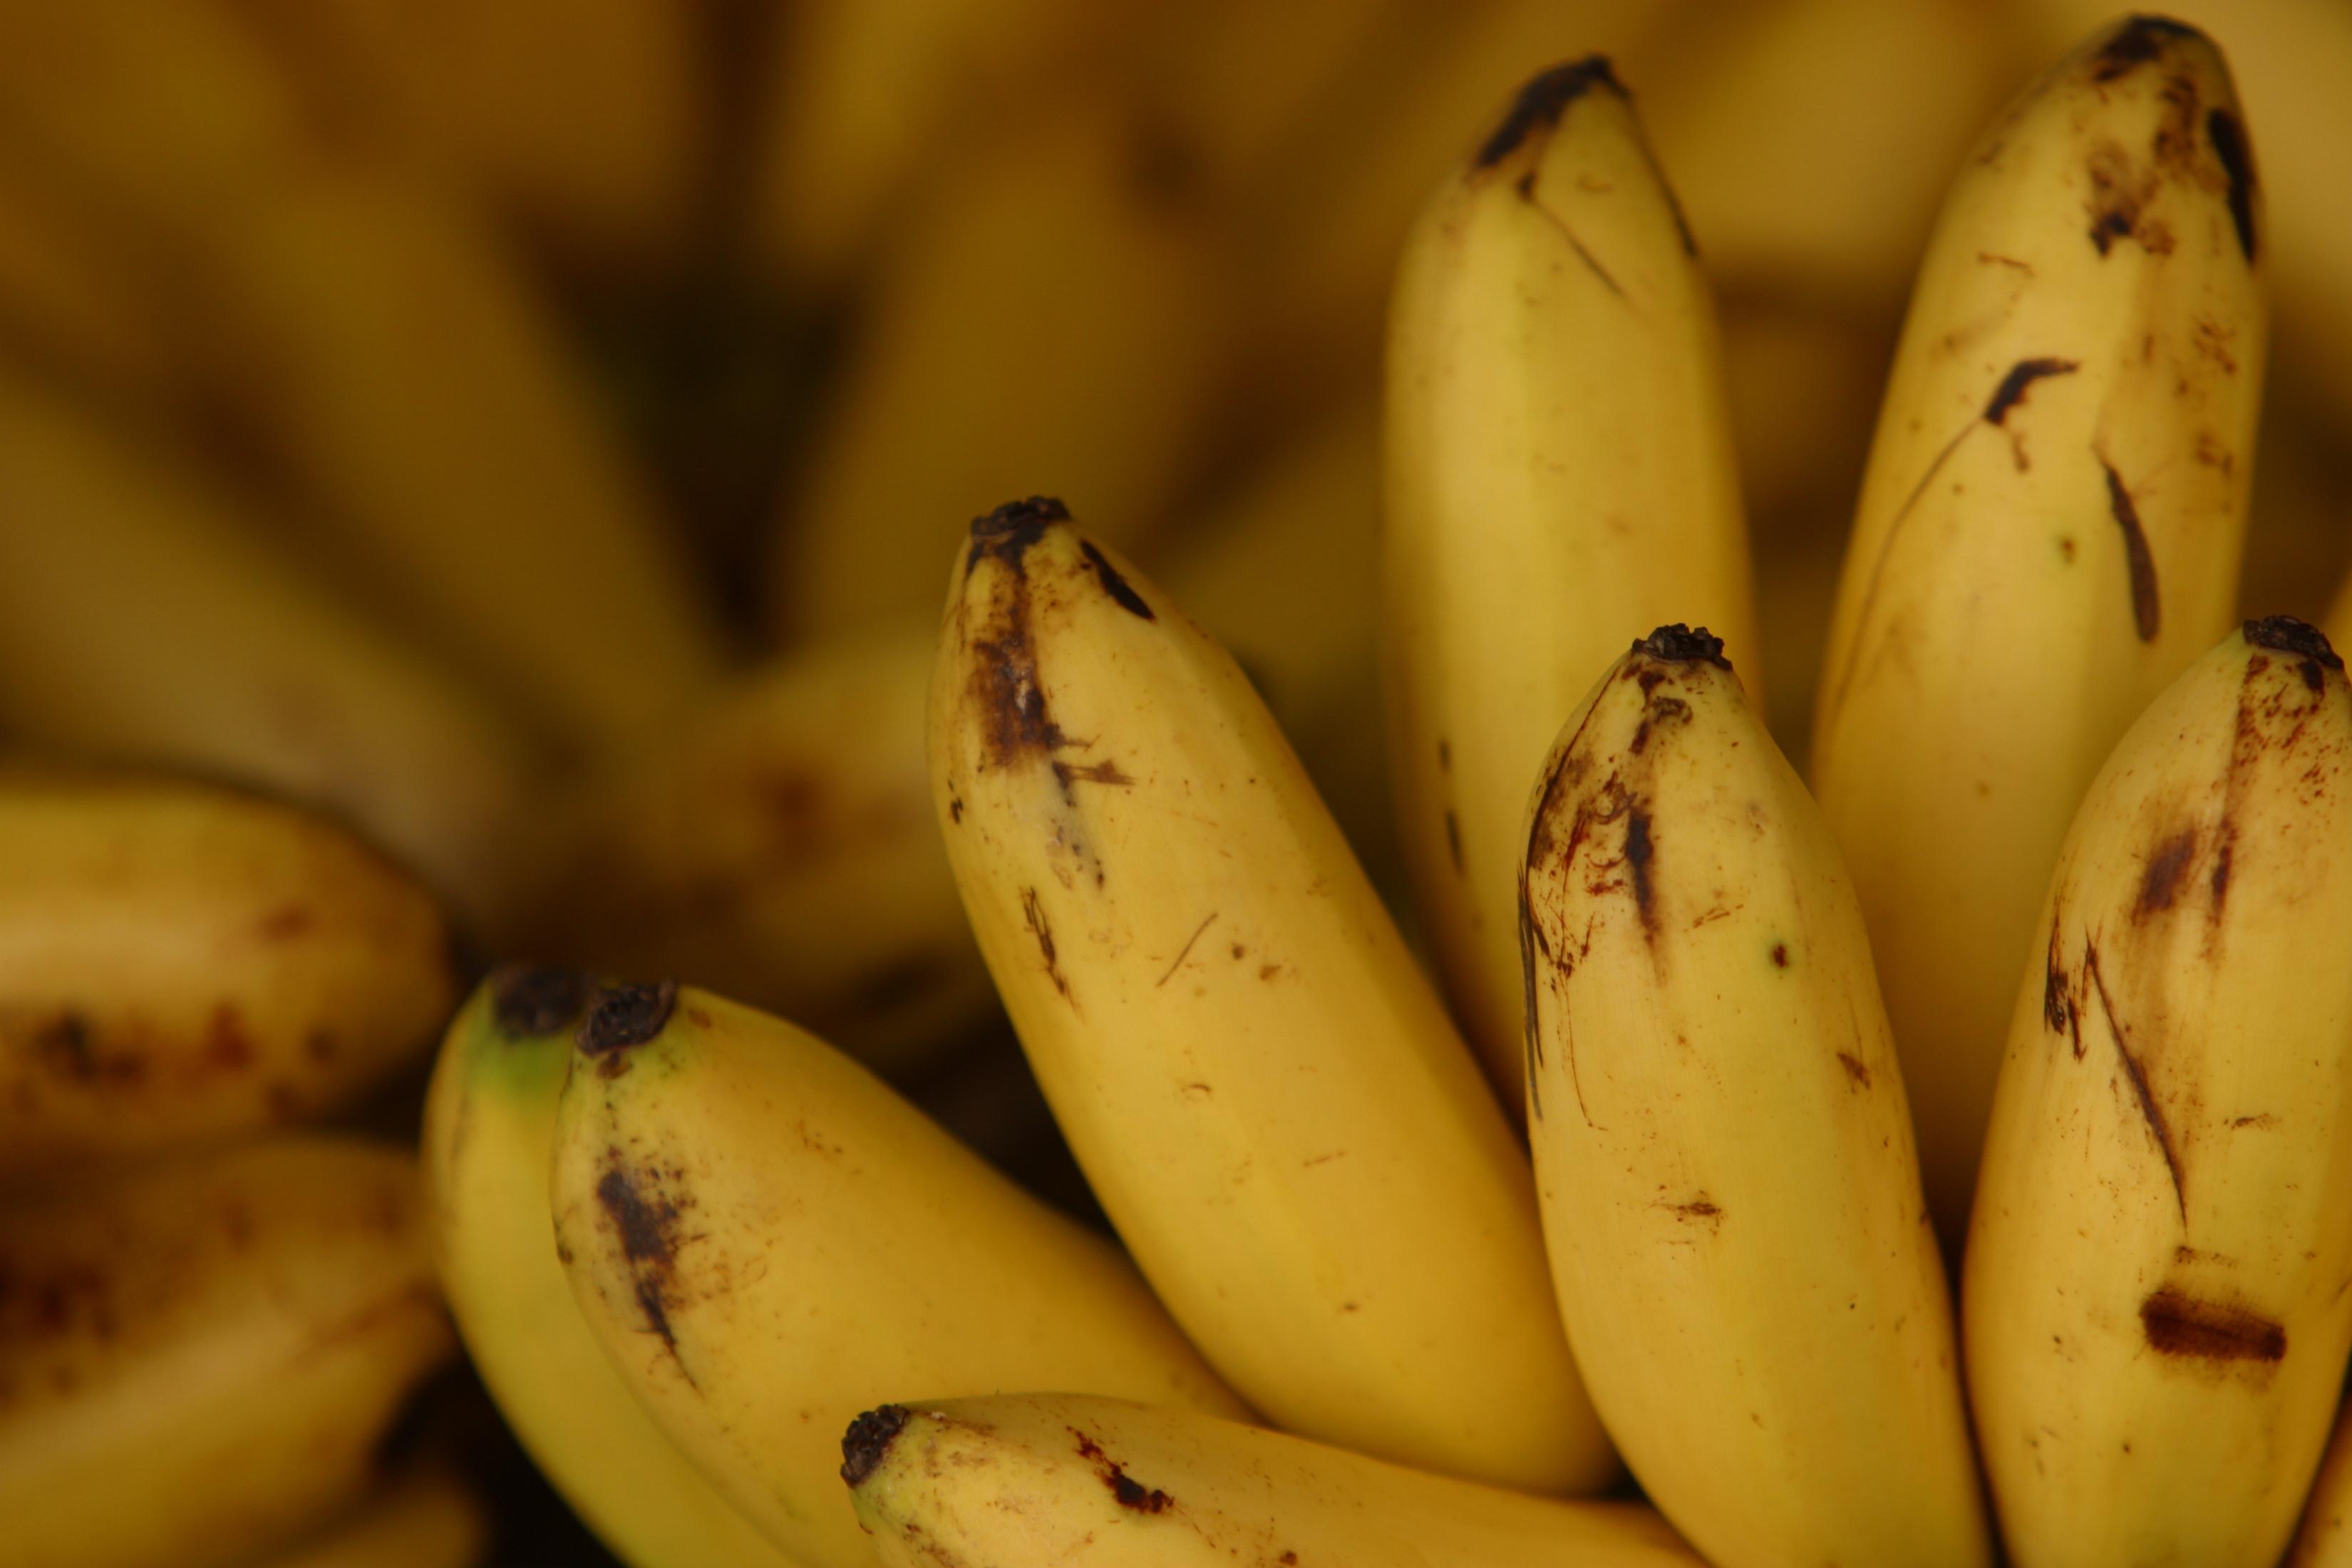 Why bananas